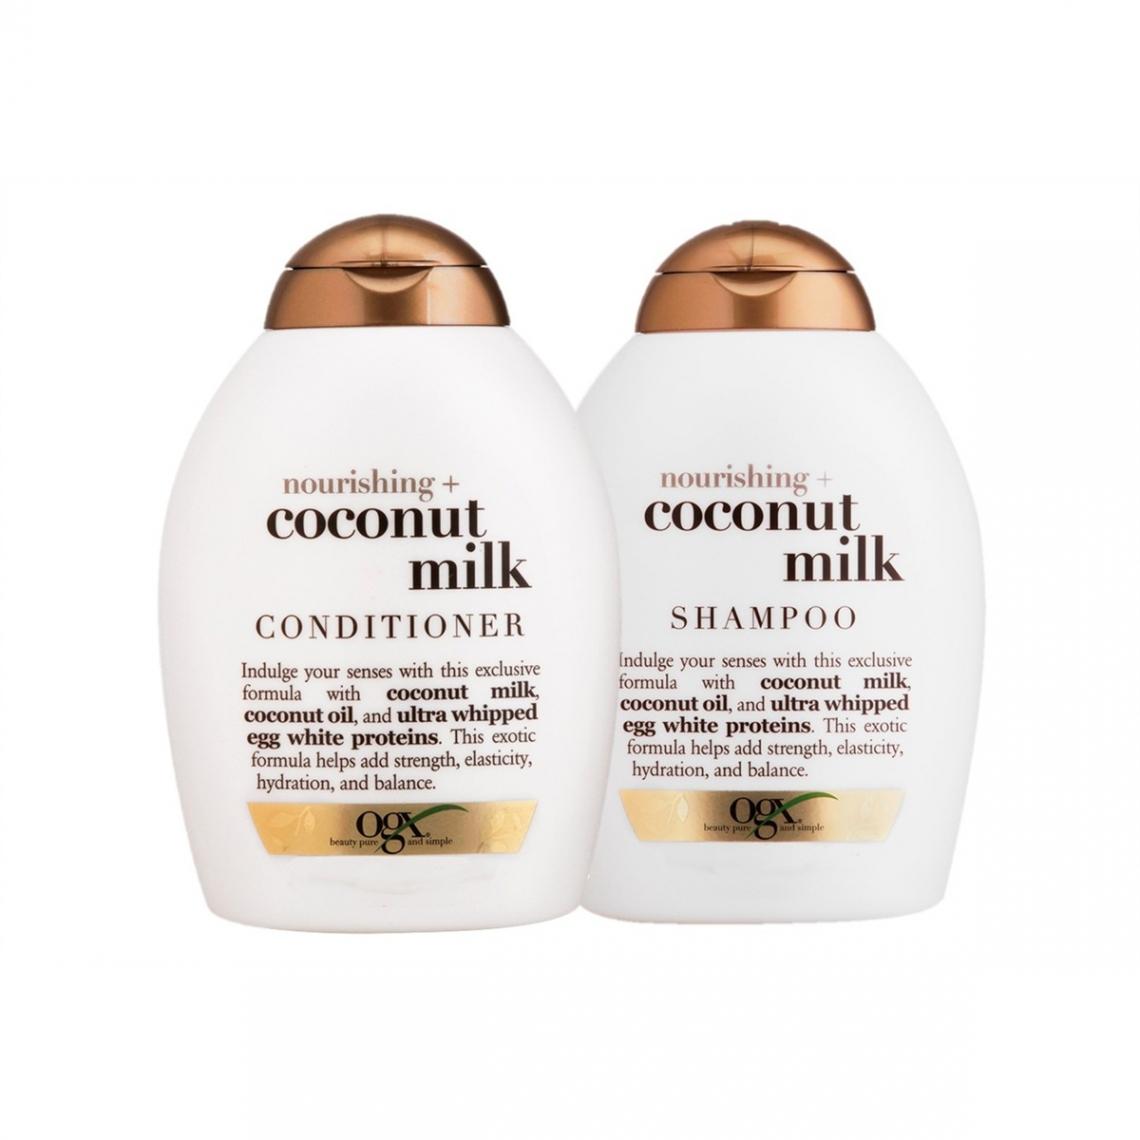 Linha Organix Nourishing Coconut Milk,  da OGX_ Shampoo   condicionador perfeitos para cabelos normais a secos, ricos em leite (nutrição) e óleo (brilho) de coco e proteínas da clara do ovo que aumenta a resistência e elasticidade dos fios.